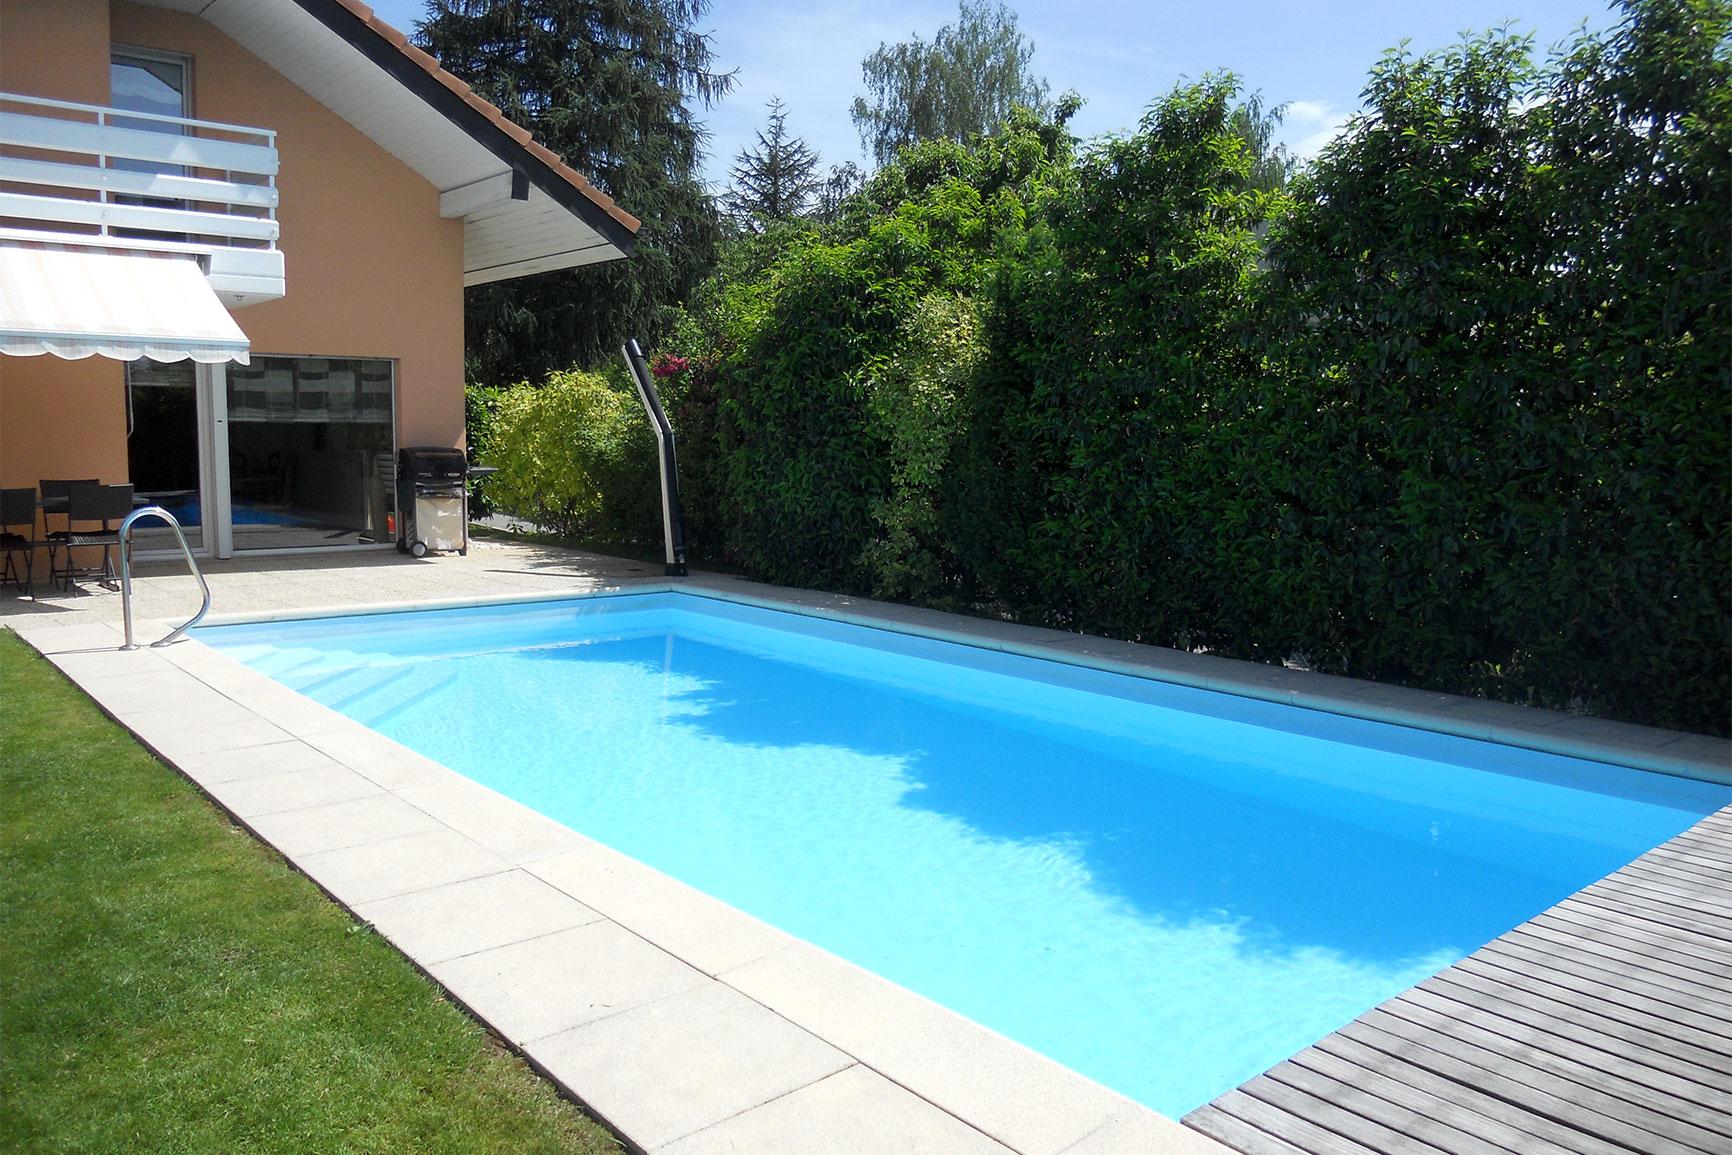 Classique liner piscines widmer for Chavannes piscine